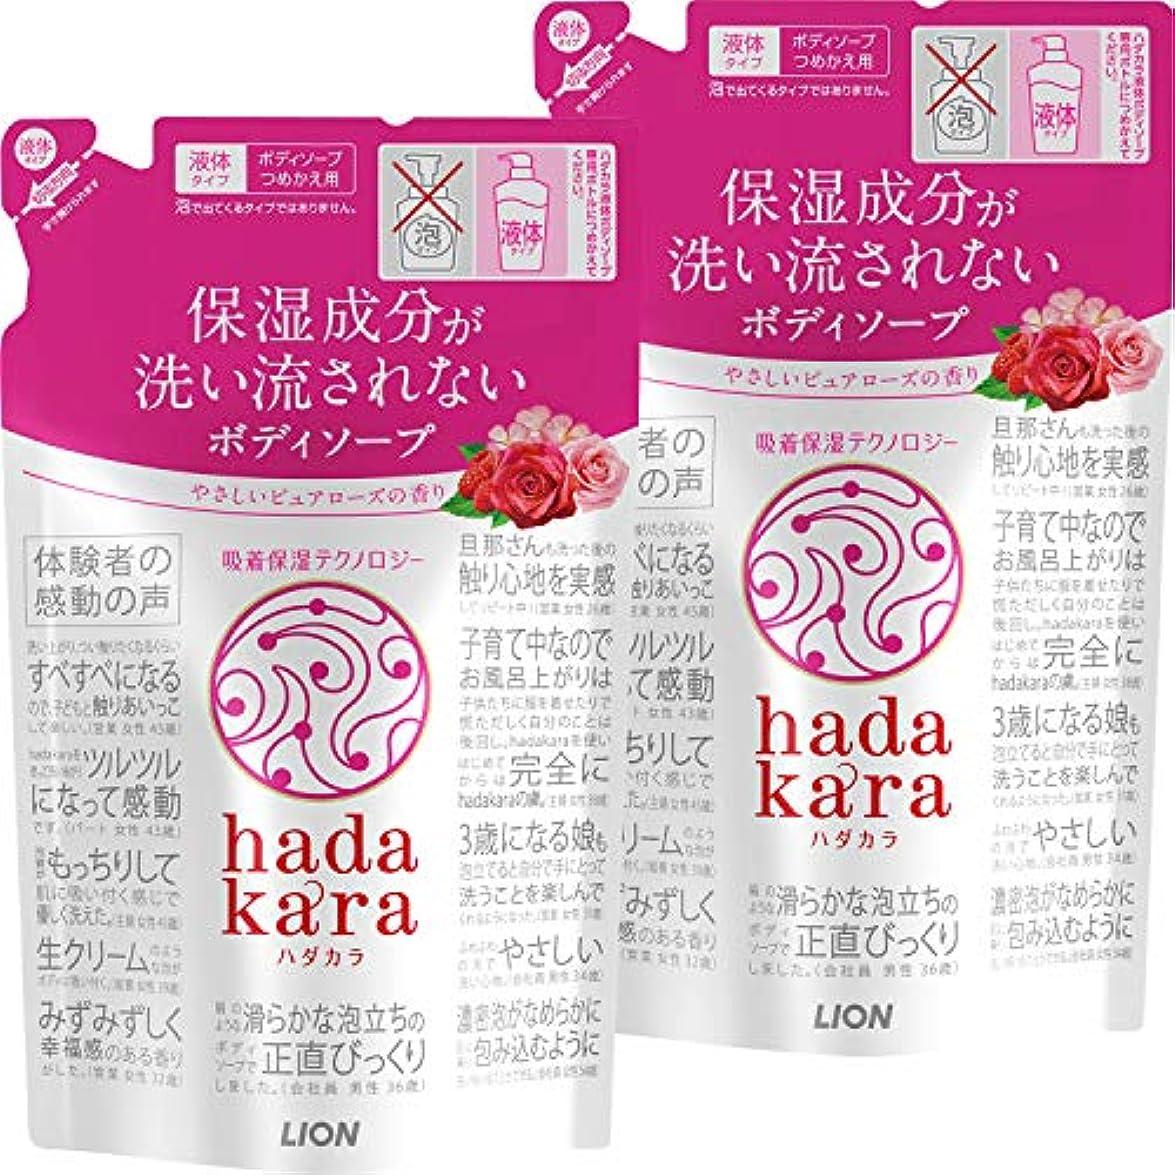 致命的などうやって力強い【まとめ買い】hadakara(ハダカラ) ボディソープ ピュアローズの香り 詰め替え 360ml×2個パック